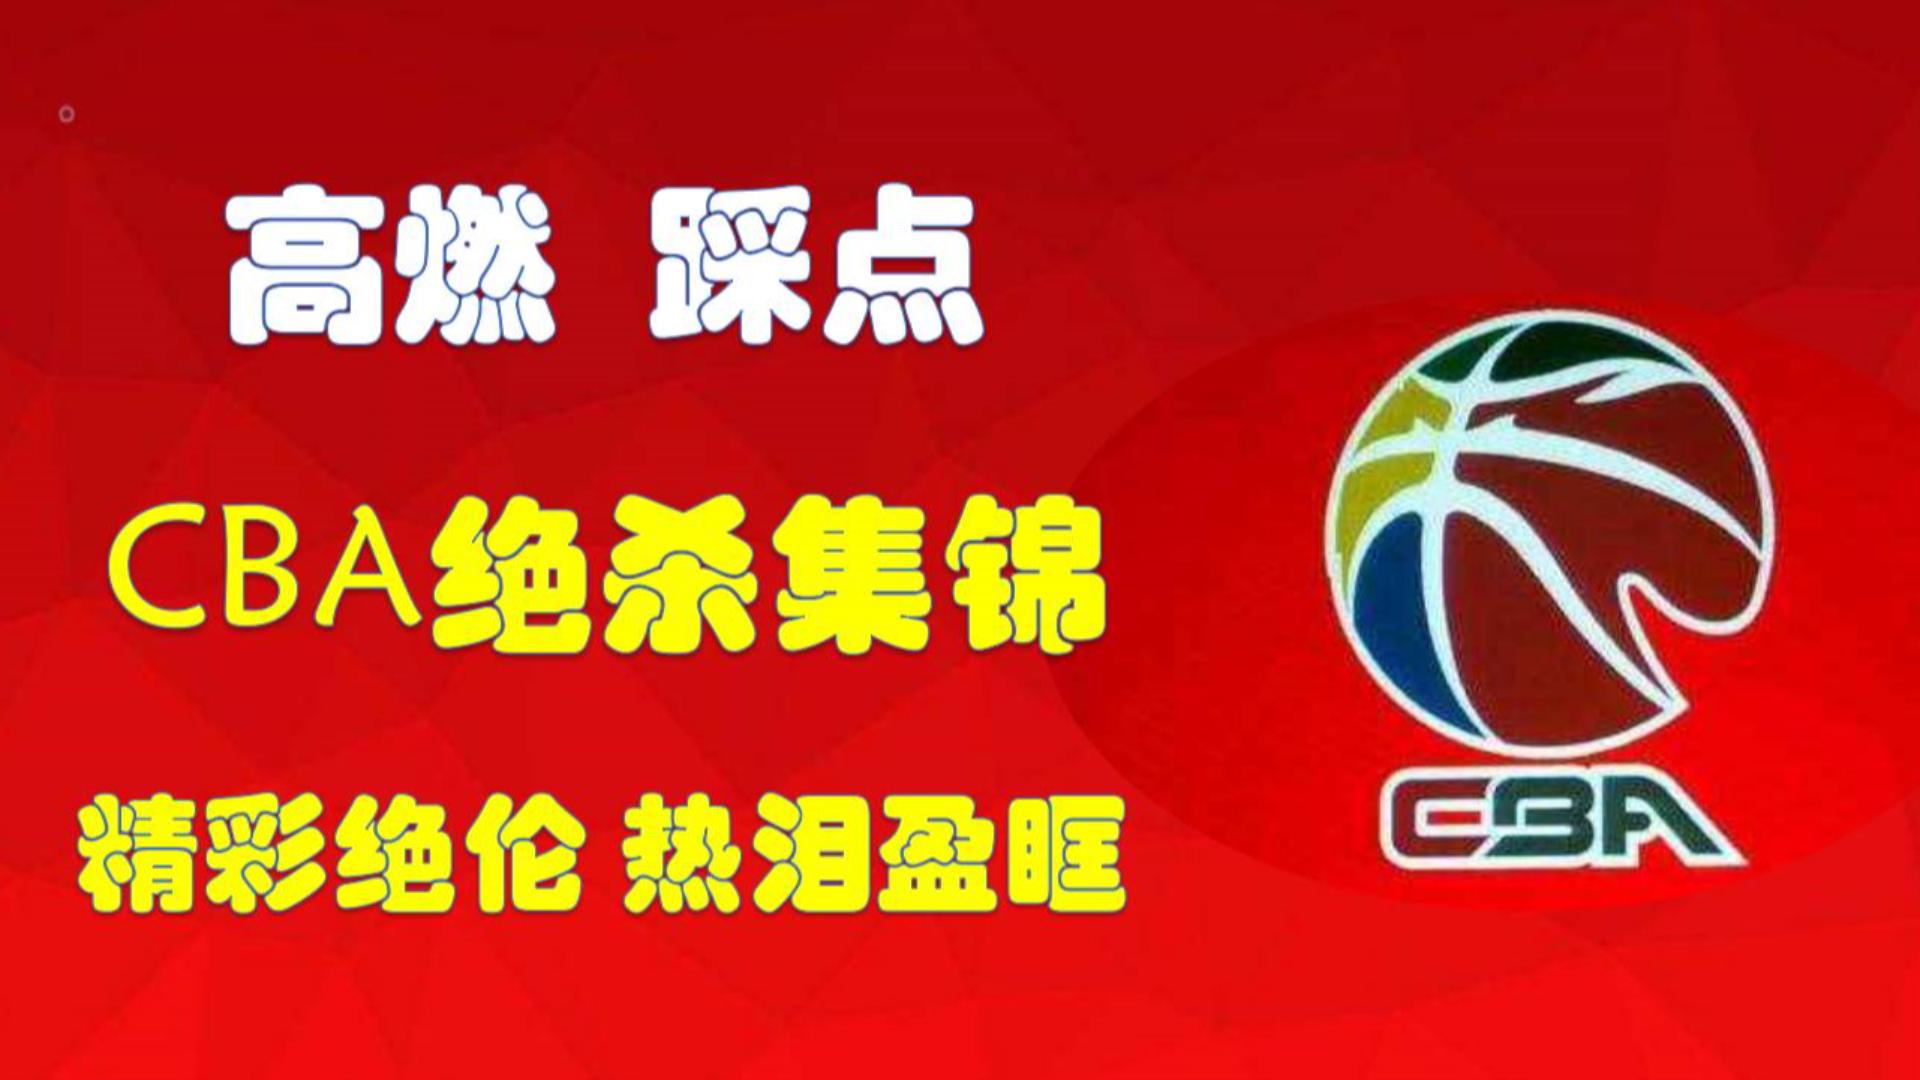 """【高燃】CBA不好看?戴上耳机,带你感受""""中国篮球""""的血脉喷张!"""